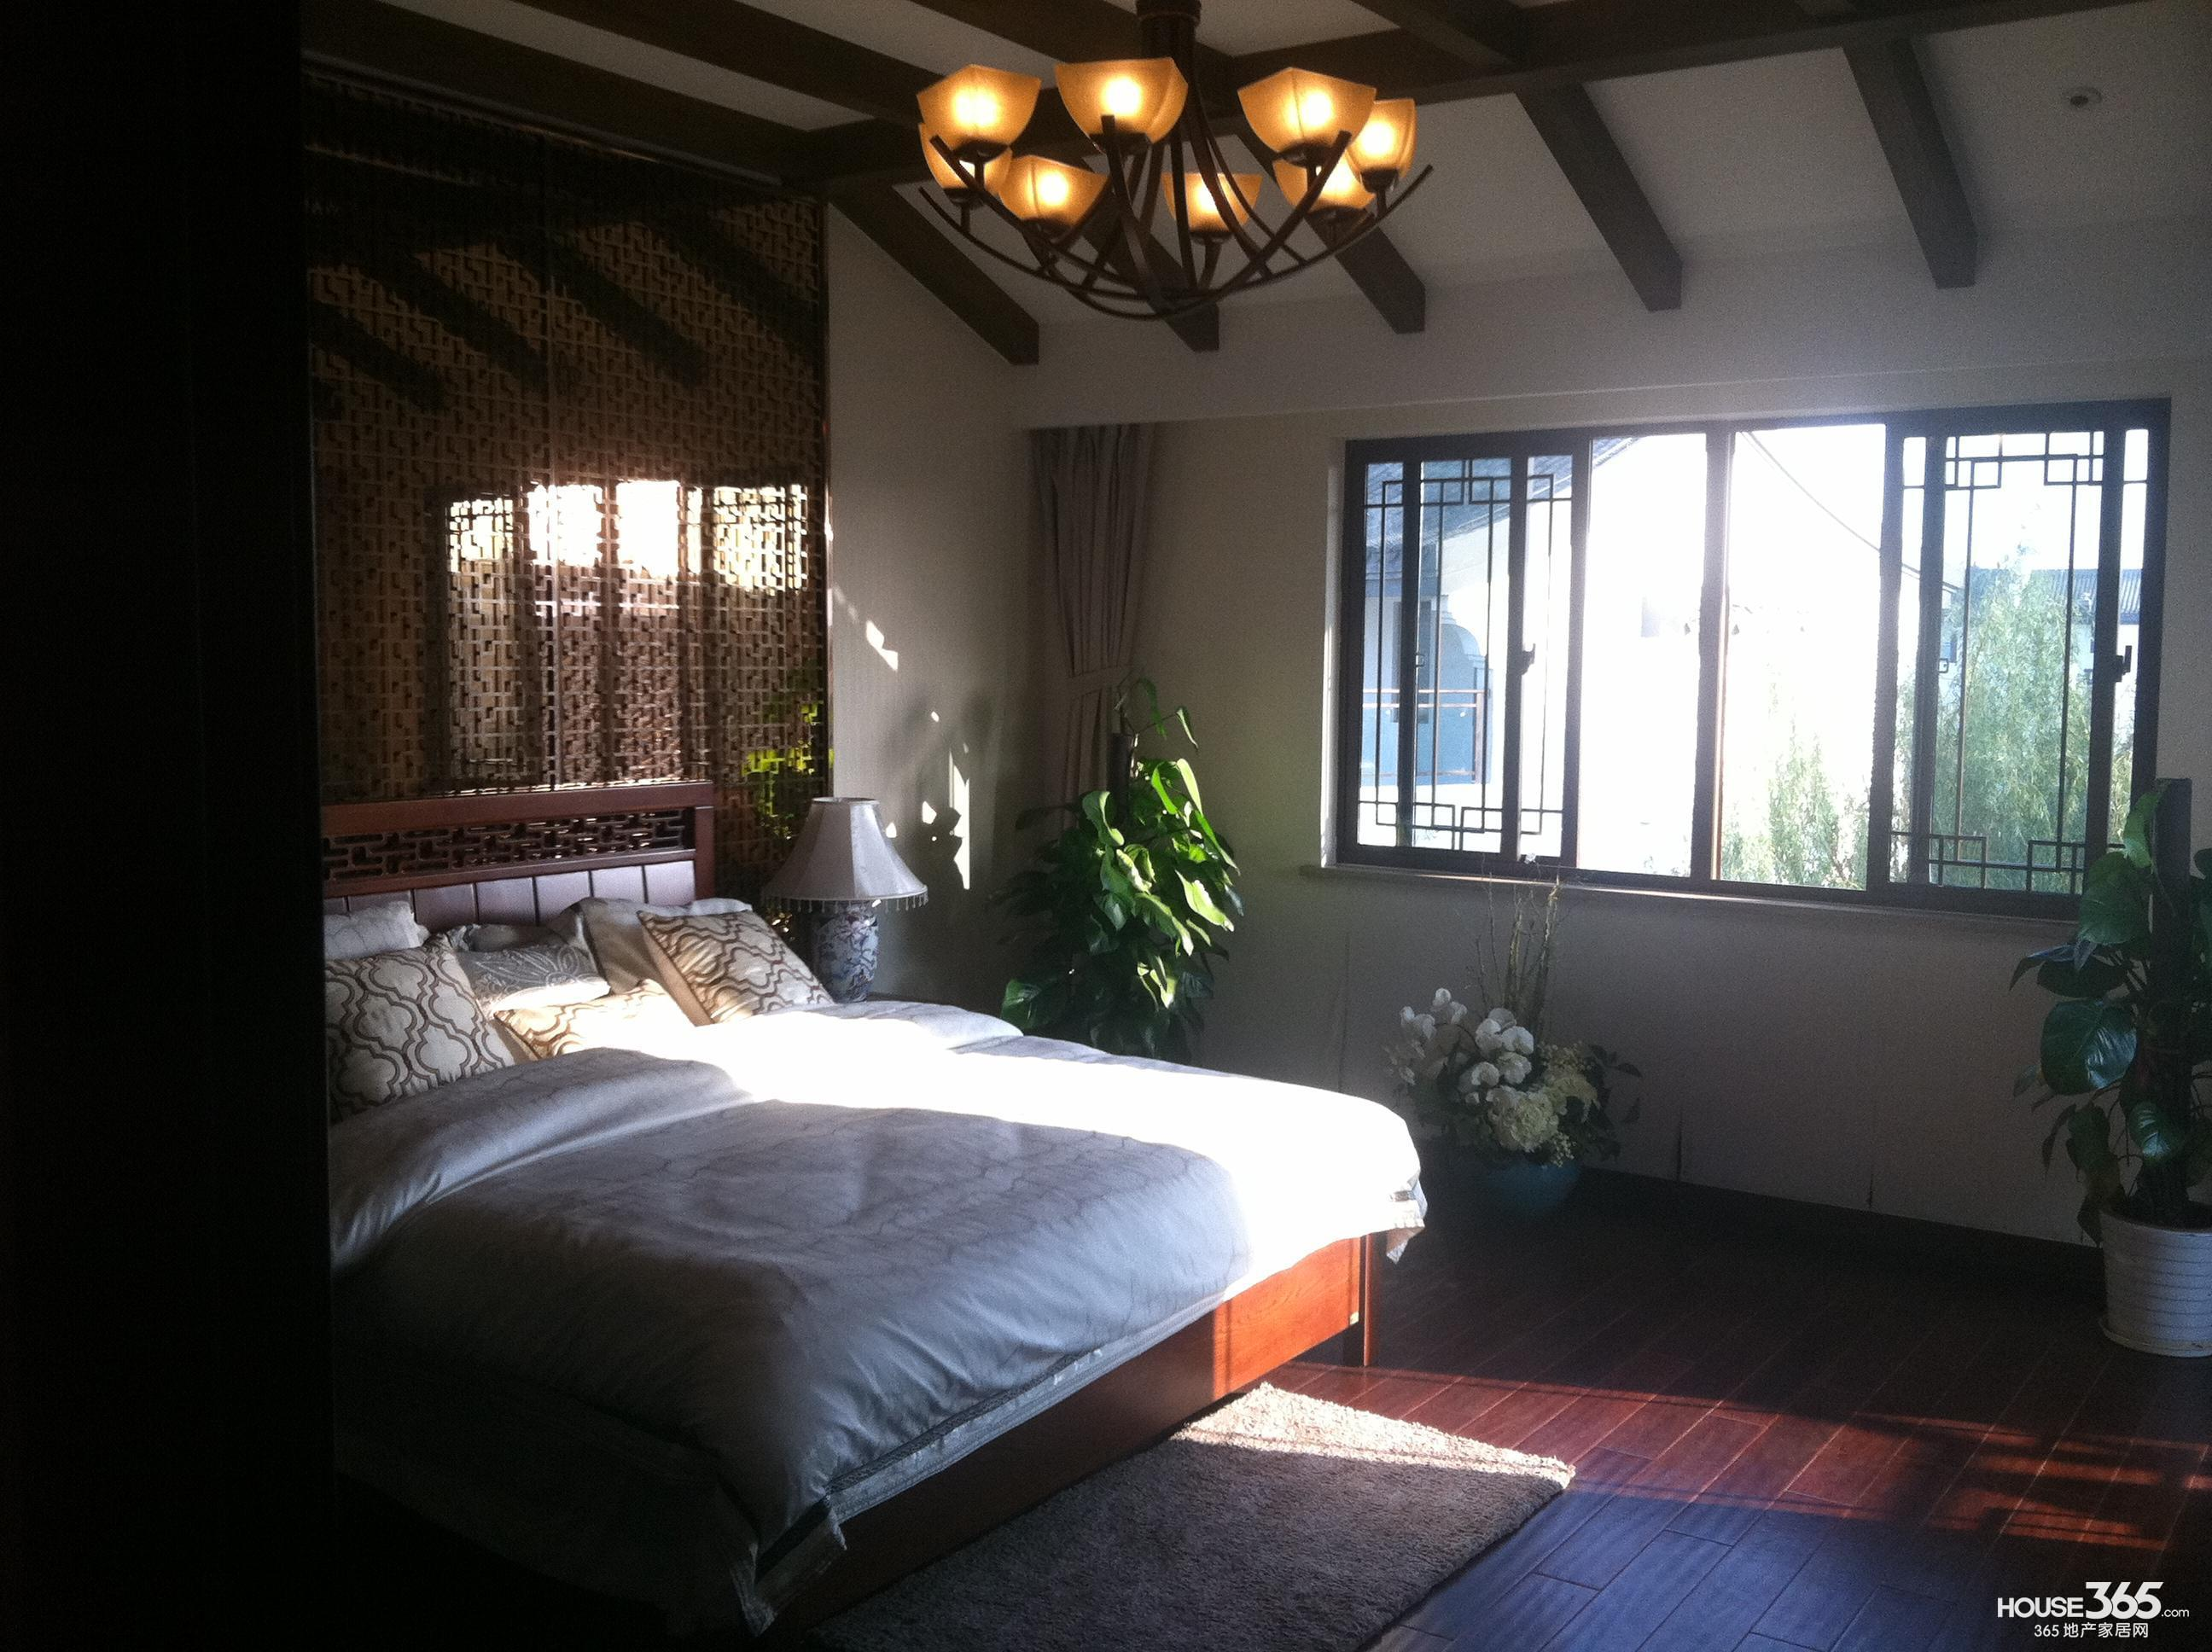 背景墙 房间 家居 起居室 设计 卧室 卧室装修 现代 装修 2592_1936